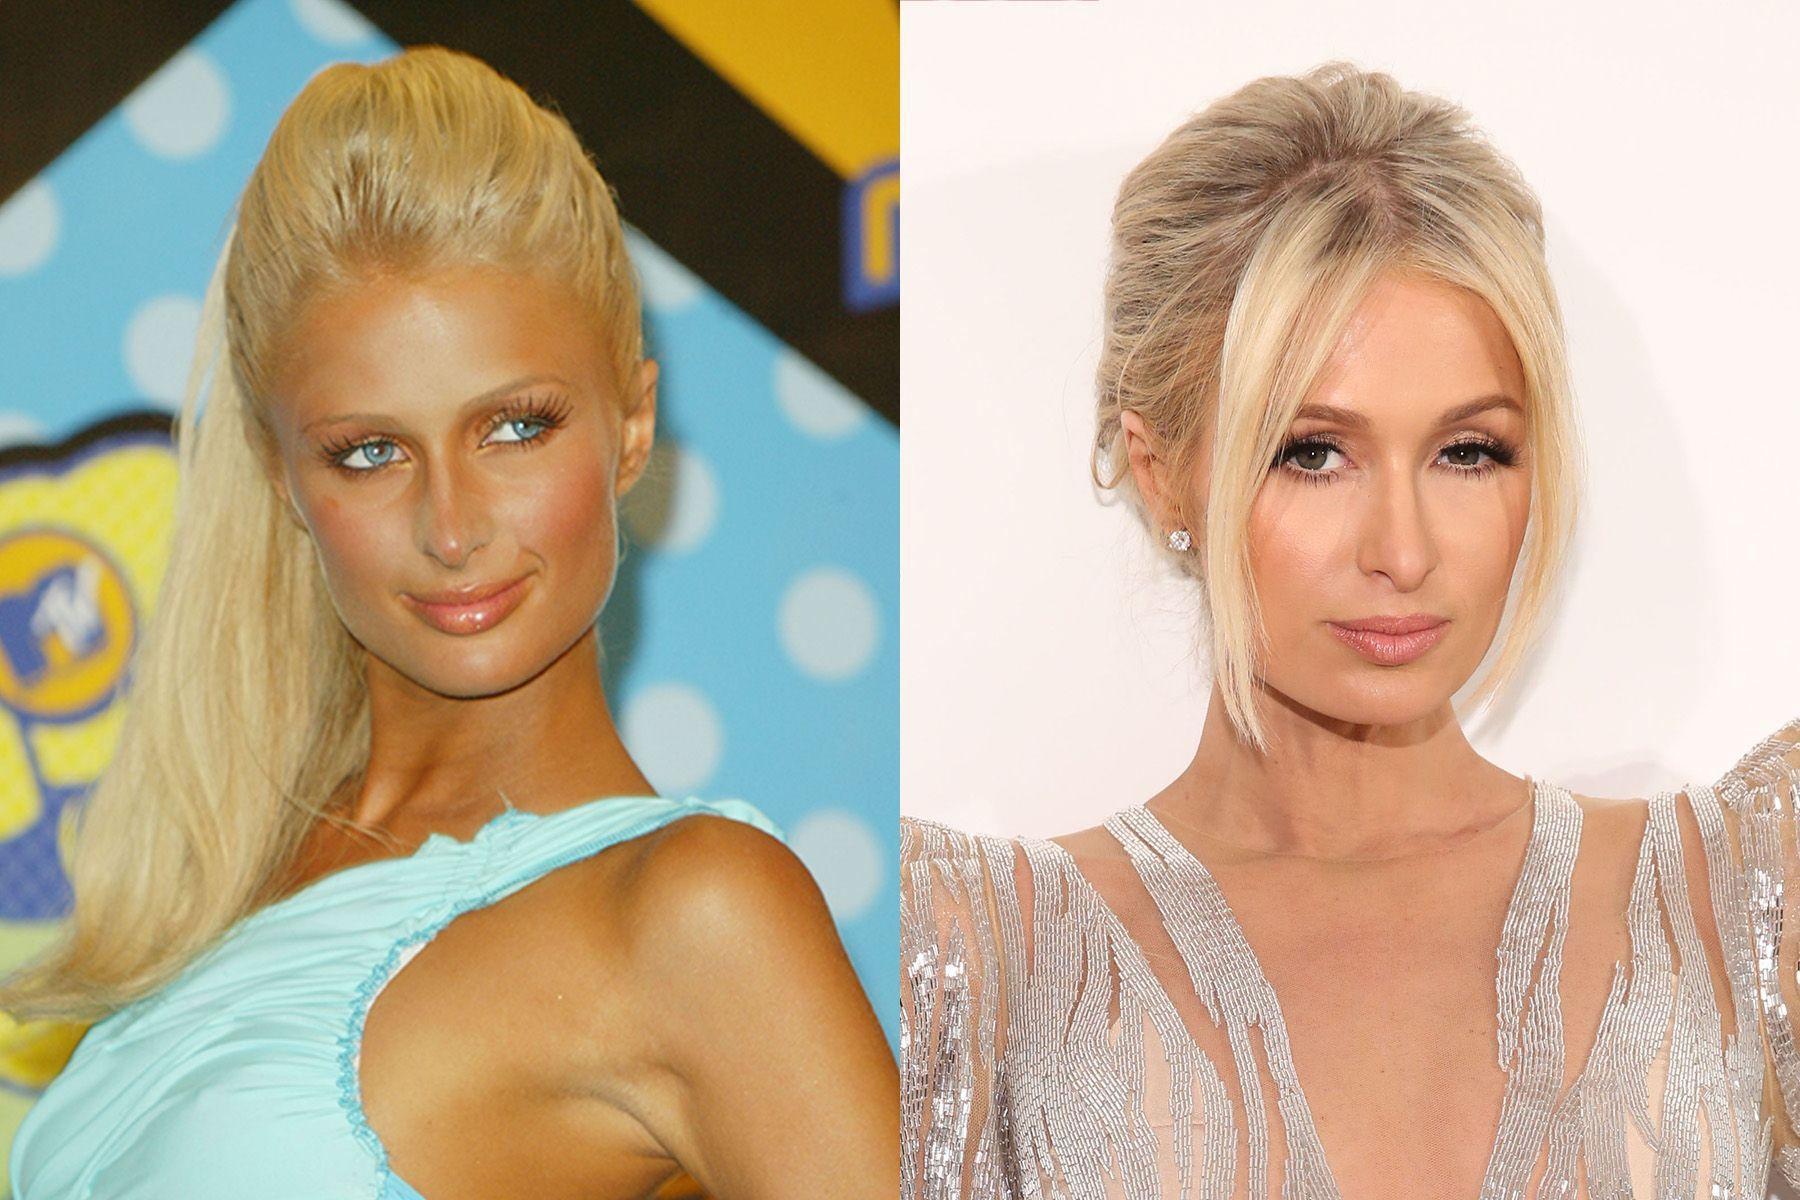 Paris Hilton The same goes for Paris.